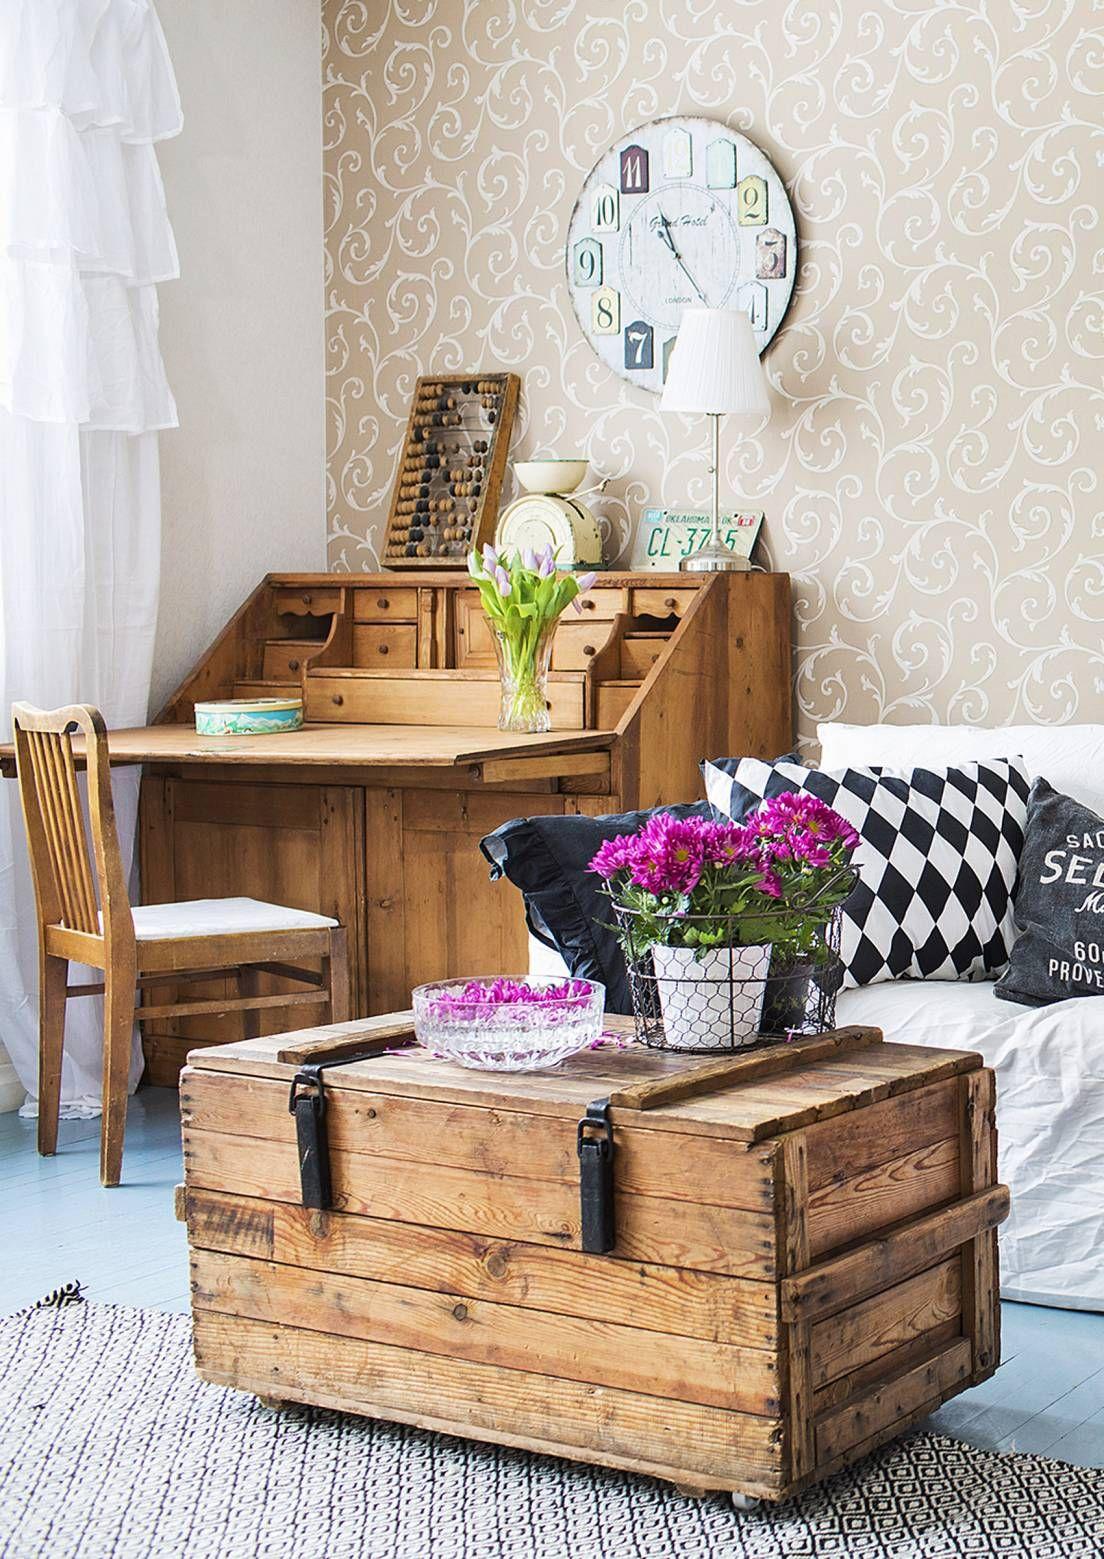 Arkkupöytä tarjoaa sekä laskutason että säilytystilaa. Katso Unelmien Talo&Kodin vinkit, miten monipuolisen kalusteen voi sijoittaa kotiin.